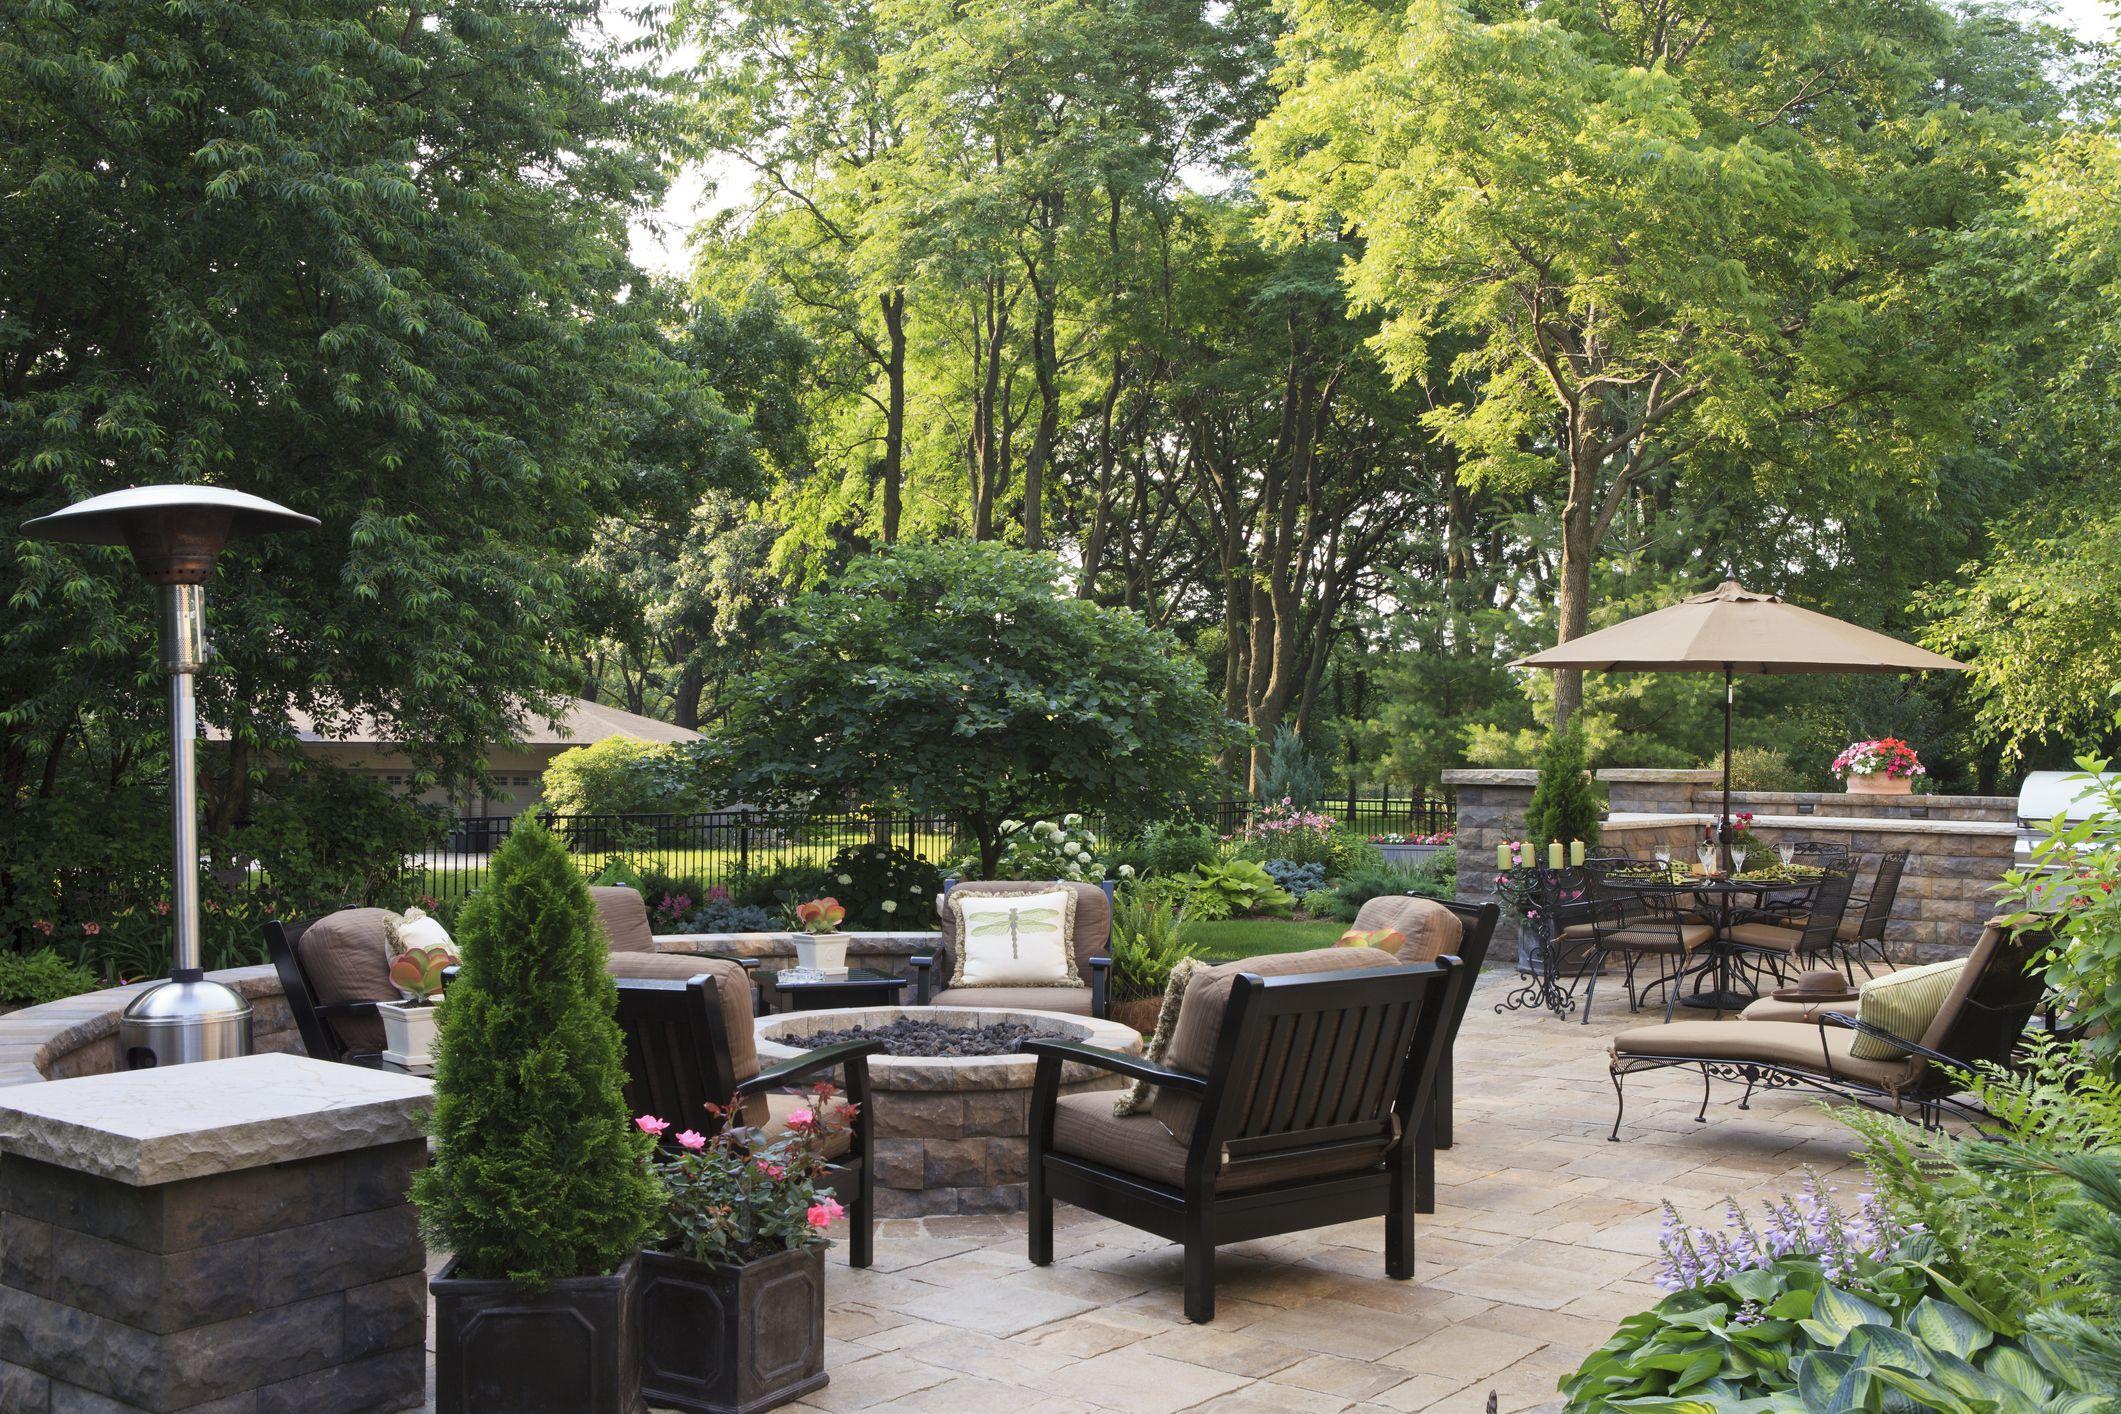 Patio Sets | Outdoor & Garden | George